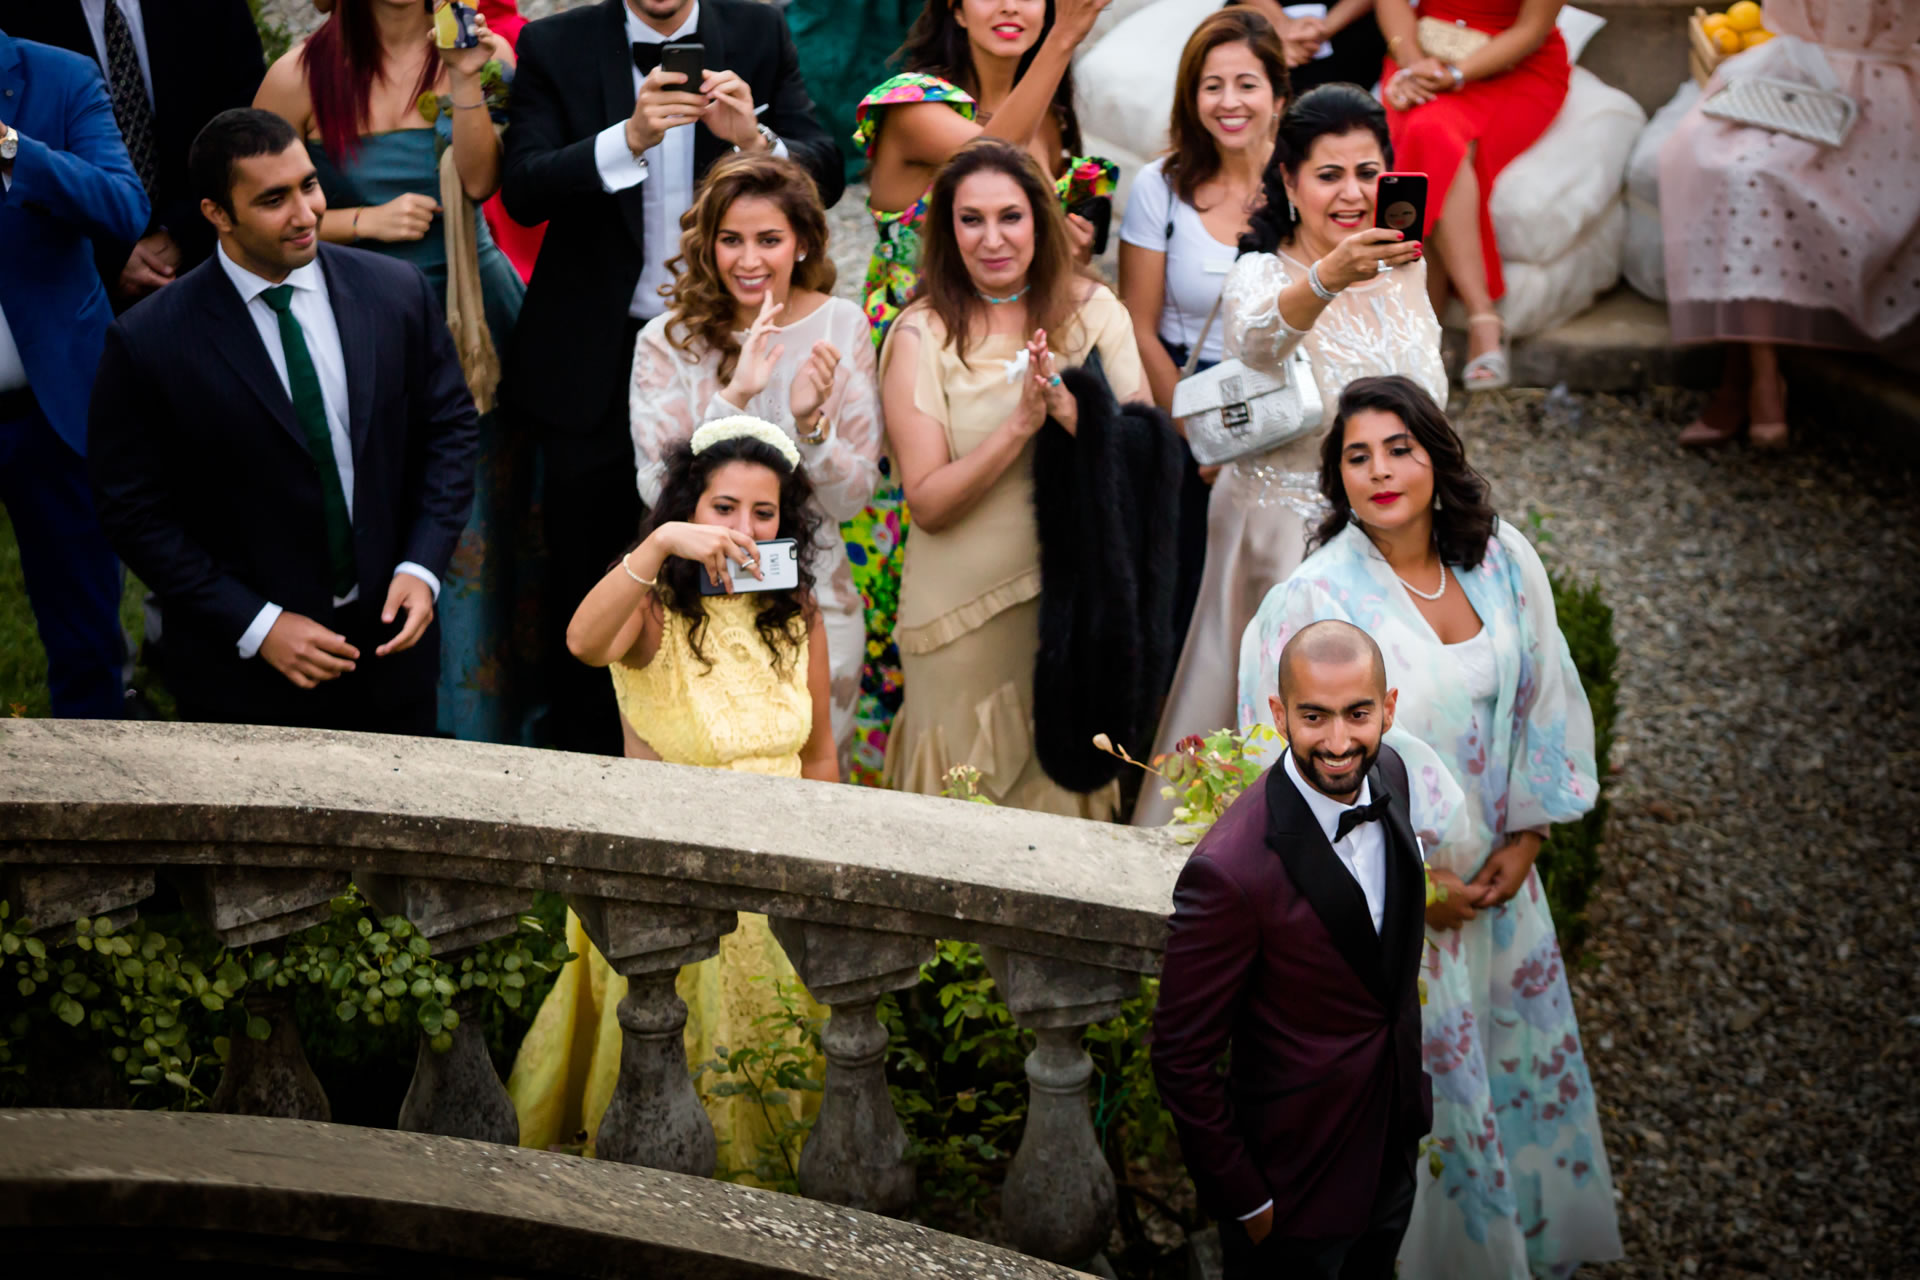 Waiting - 36 :: Luxury wedding at Il Borro :: Luxury wedding photography - 35 :: Waiting - 36